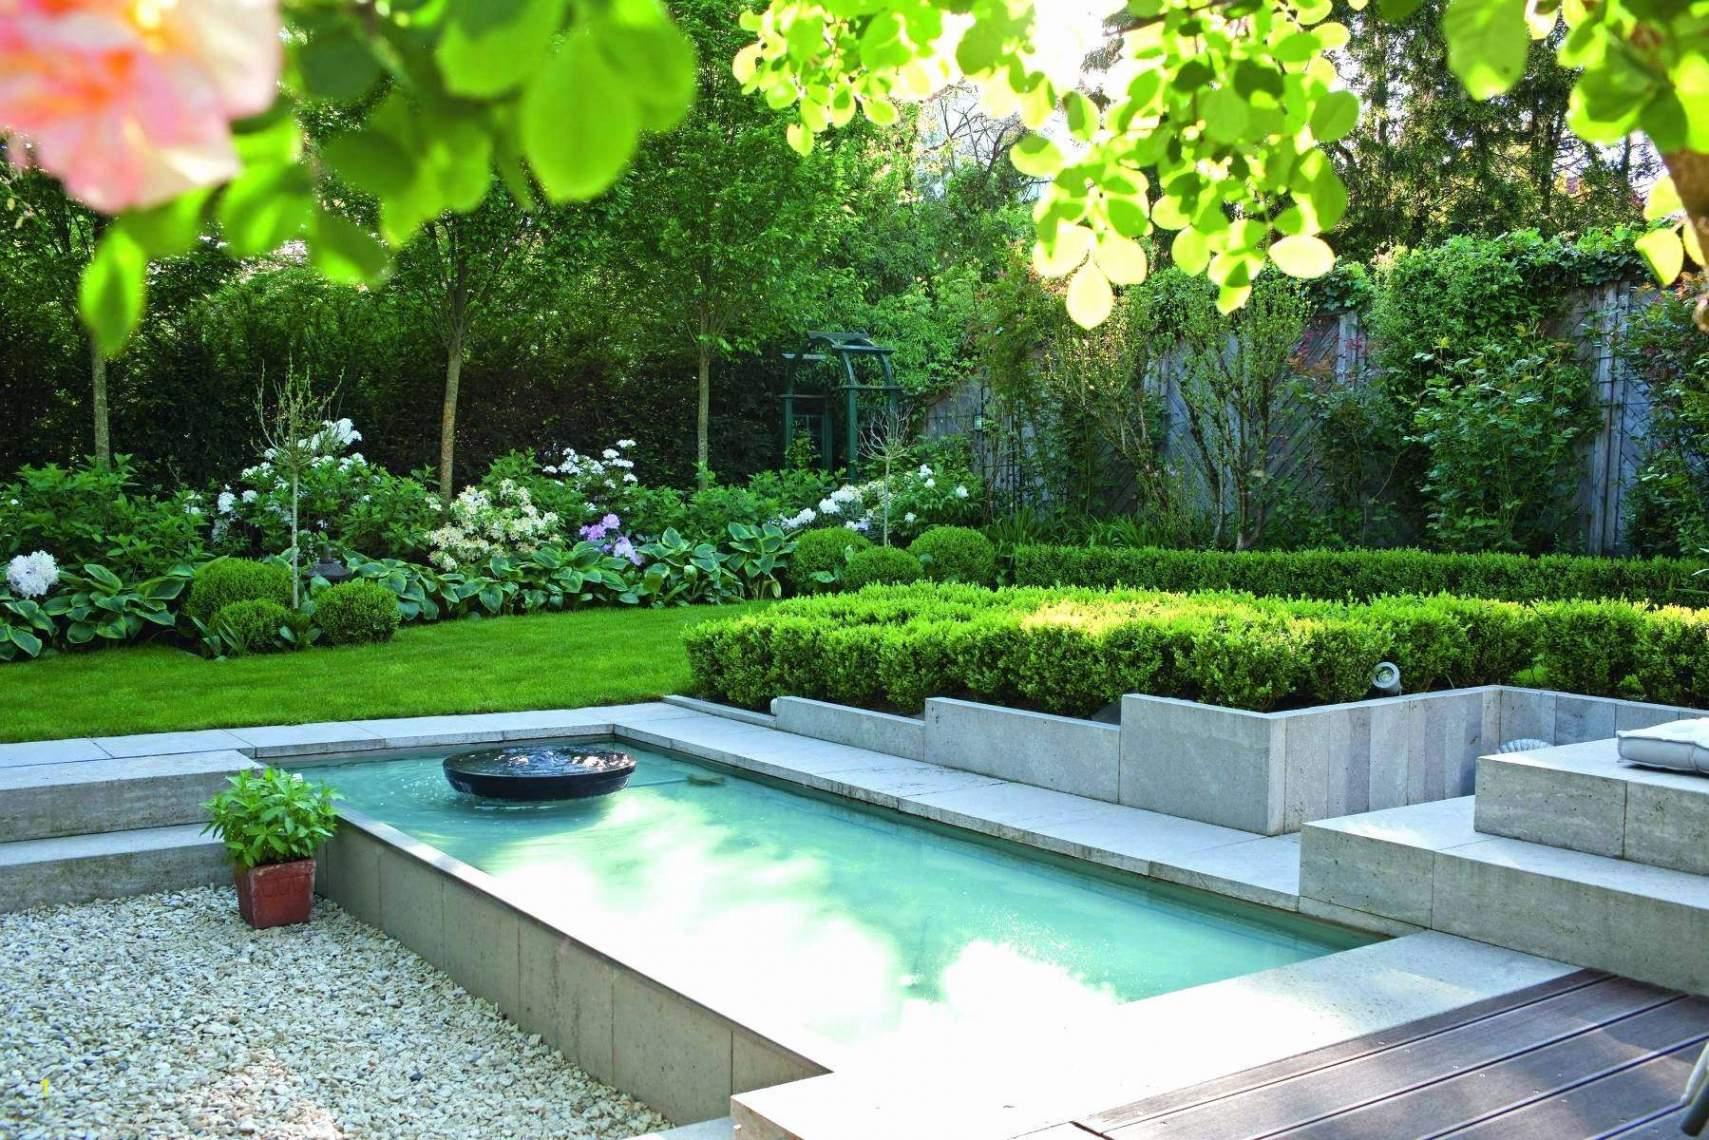 Japanische Gärten Selbst Gestalten Inspirierend Kleine Gärten Gestalten Reihenhaus — Temobardz Home Blog